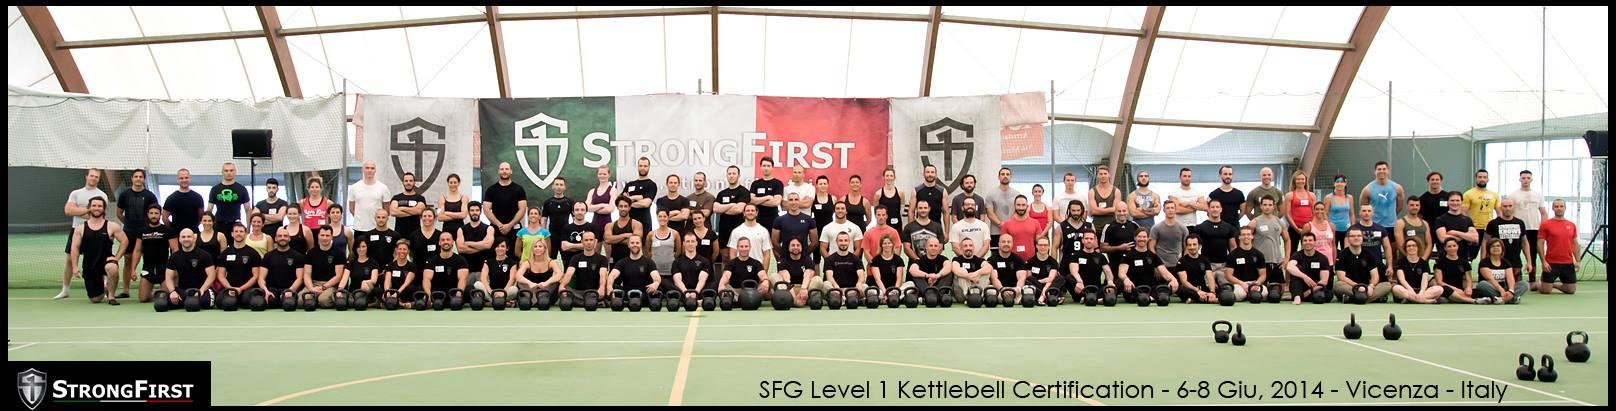 SFG 1 - Italie 2014